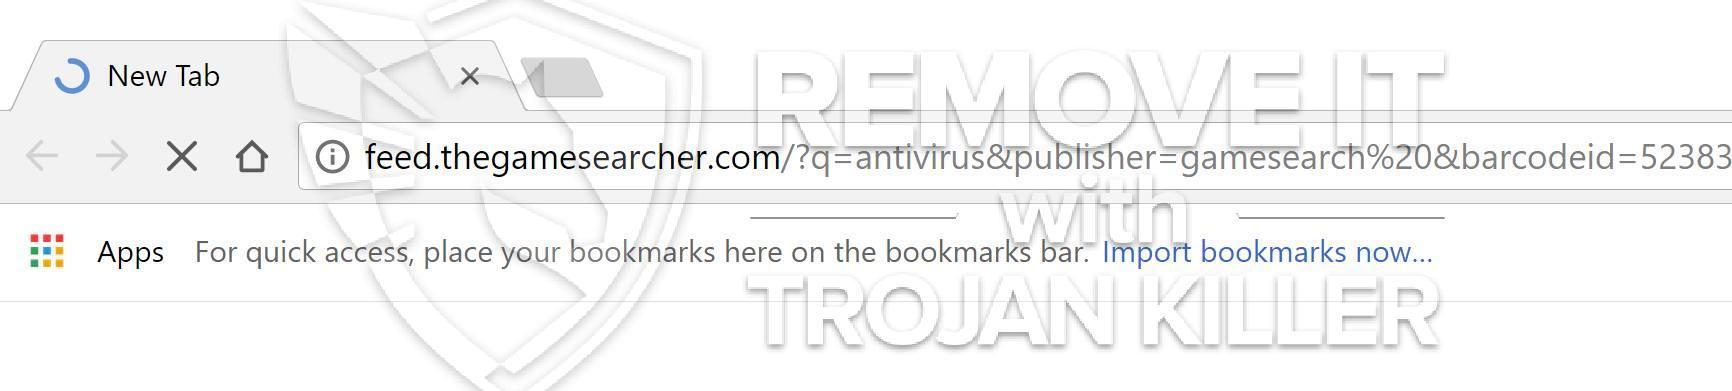 remove Feed.thegamesearcher.com virus